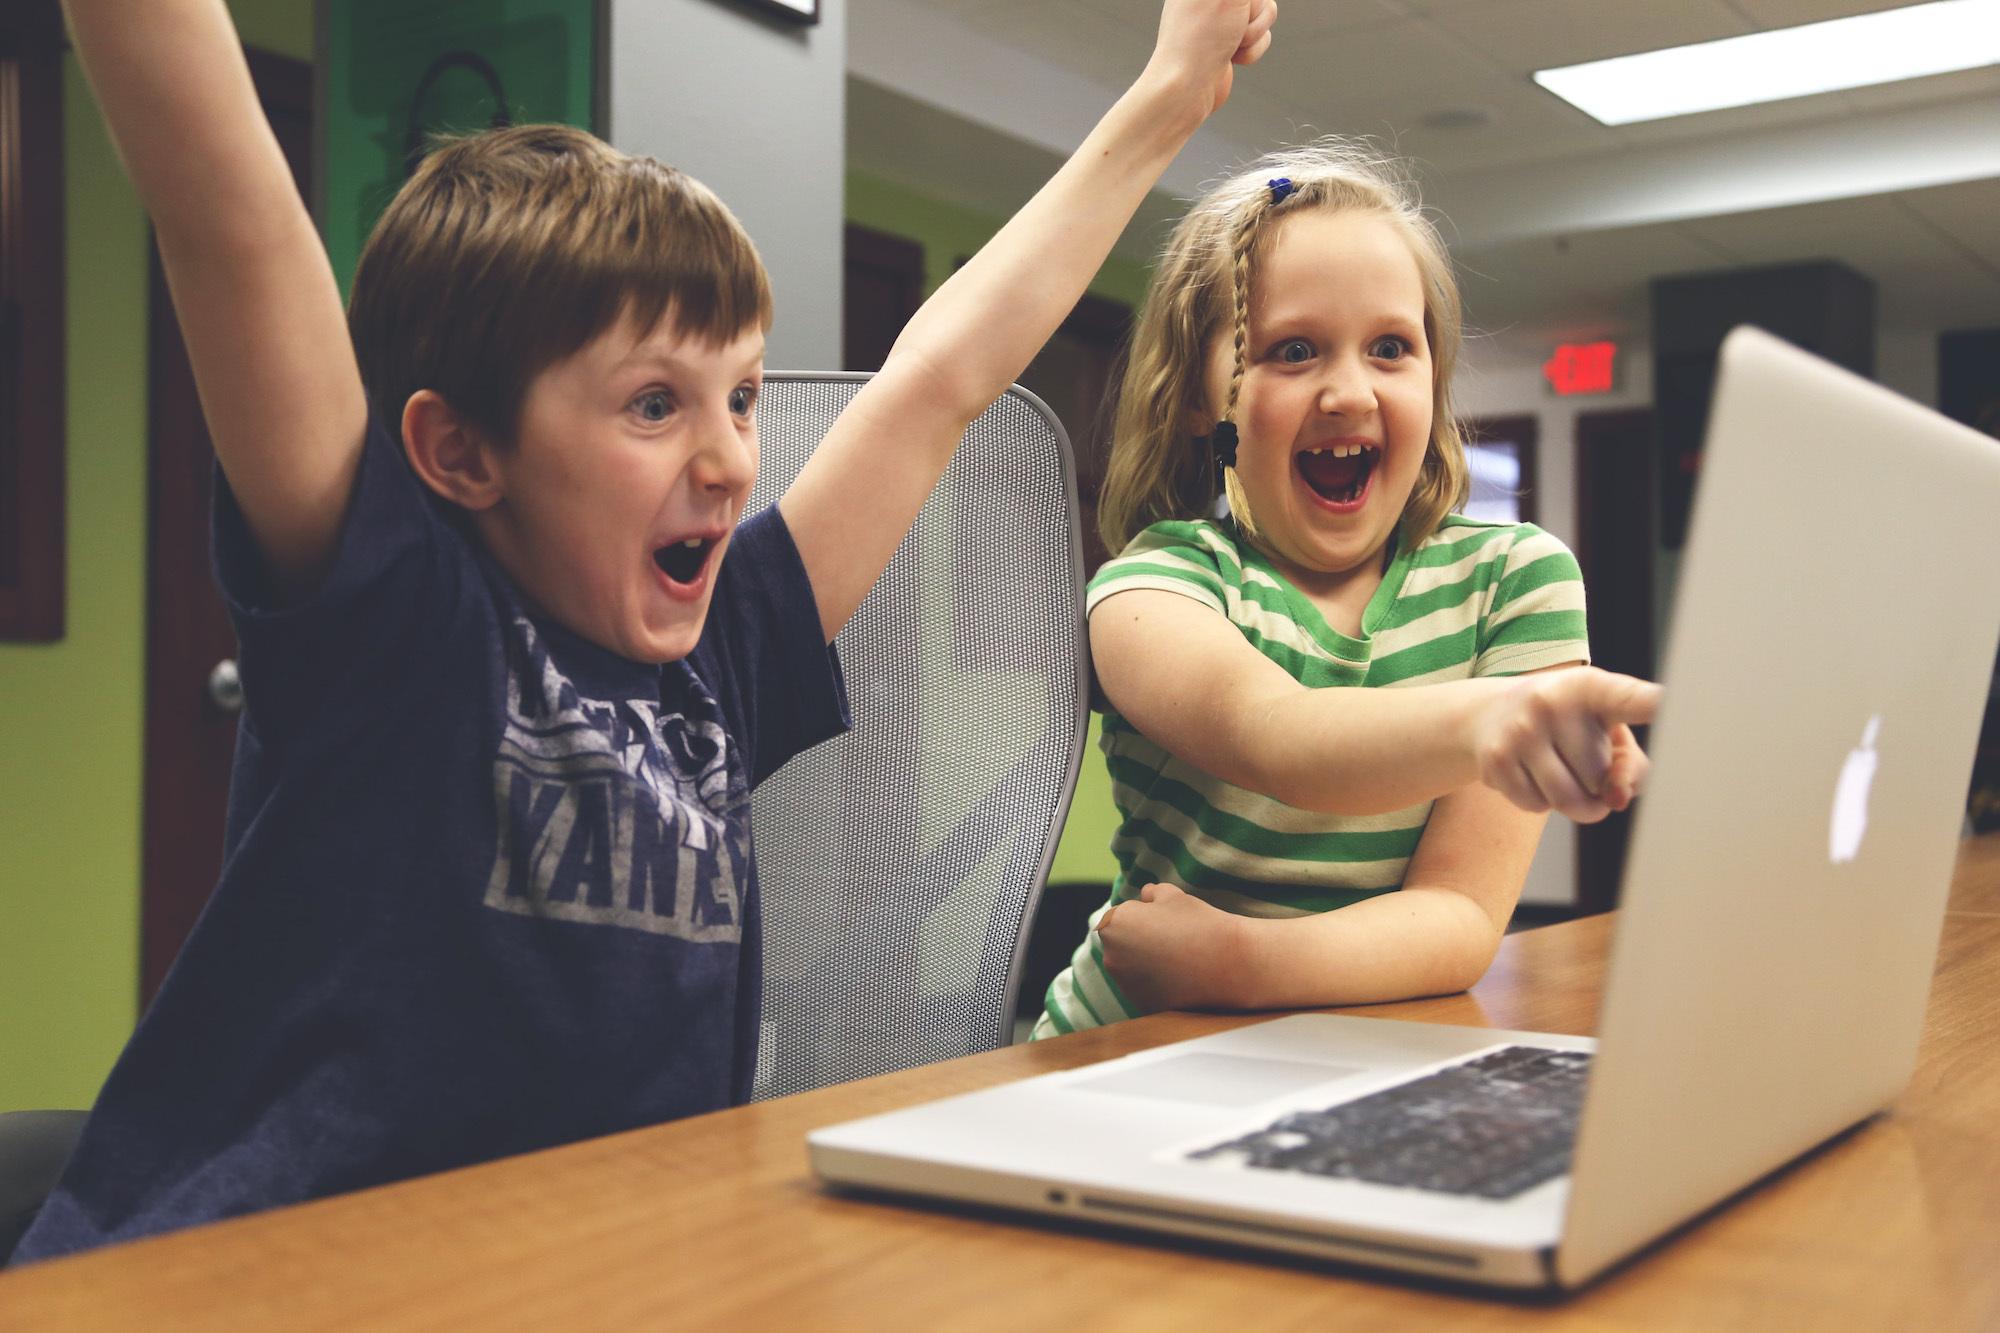 """中国孩子拼命学英语,英美已把编程当""""第二外语"""",为何要鼓励青少学编程?"""